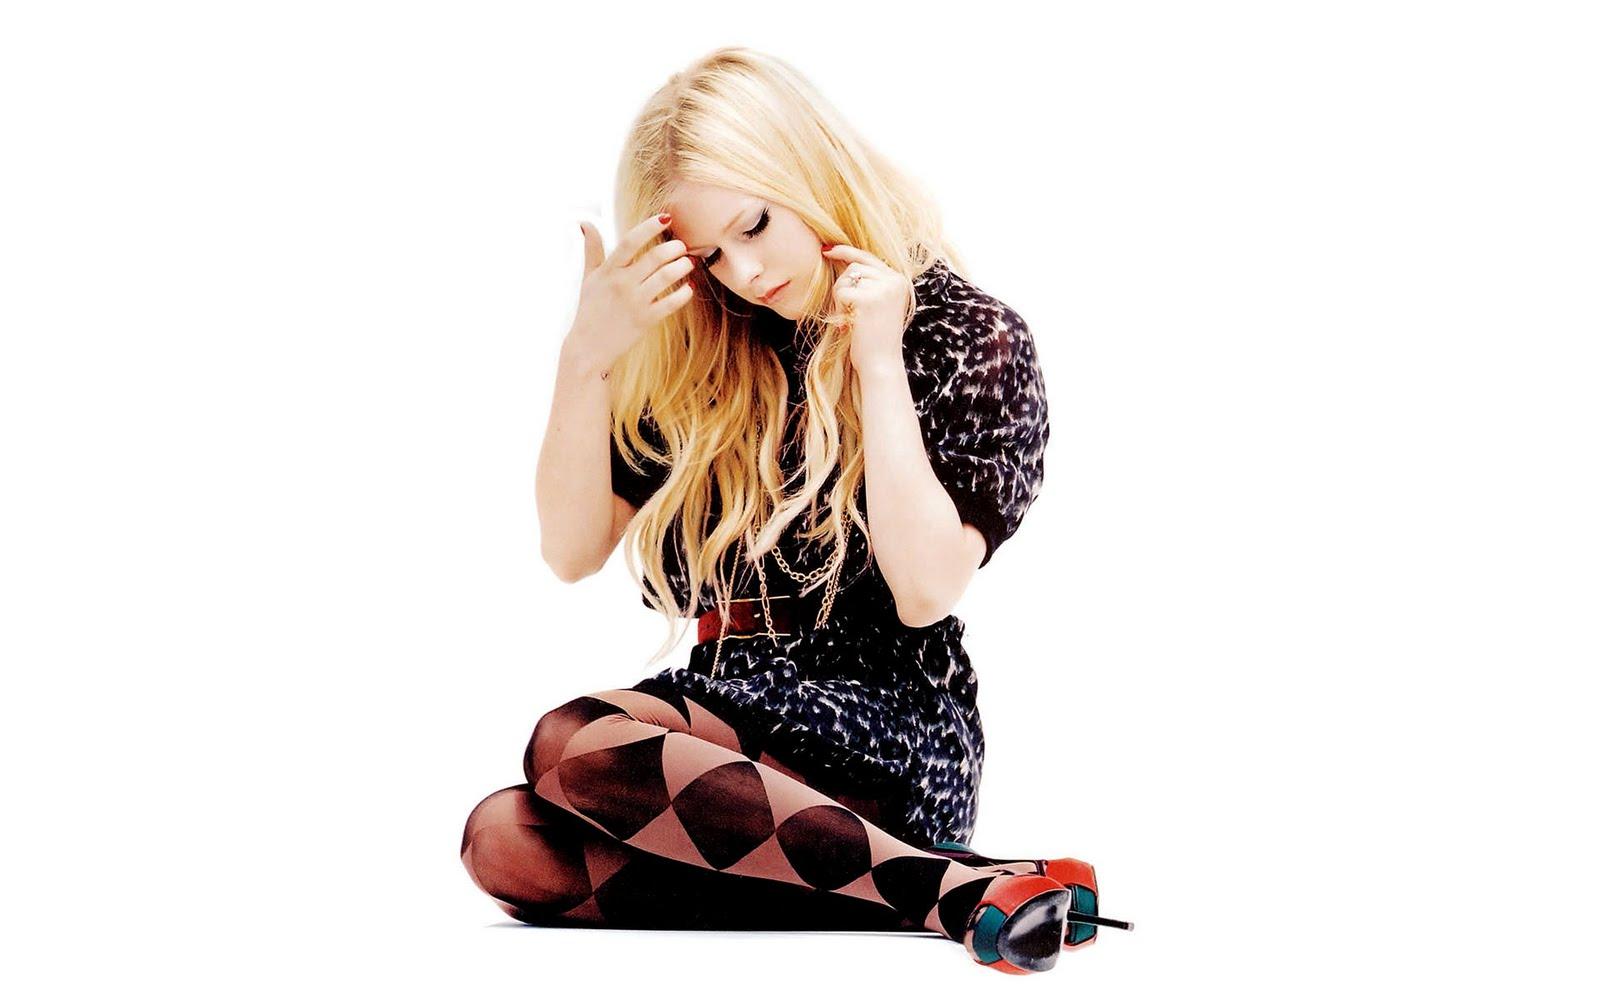 http://4.bp.blogspot.com/_BpAoKRSdVjQ/TK3T8M6o7AI/AAAAAAAAB1s/t70pwVMSkNc/s1600/Avril_Lavigne_singer.jpg